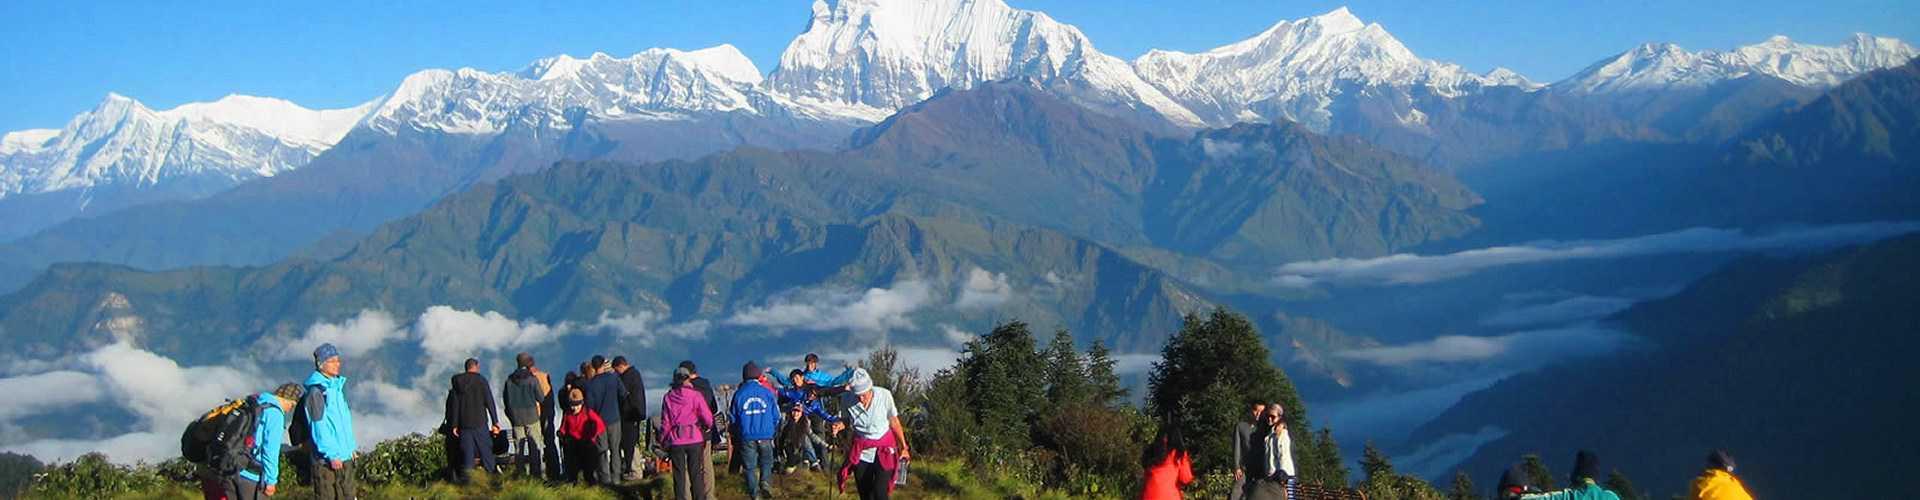 Nepal trekking!